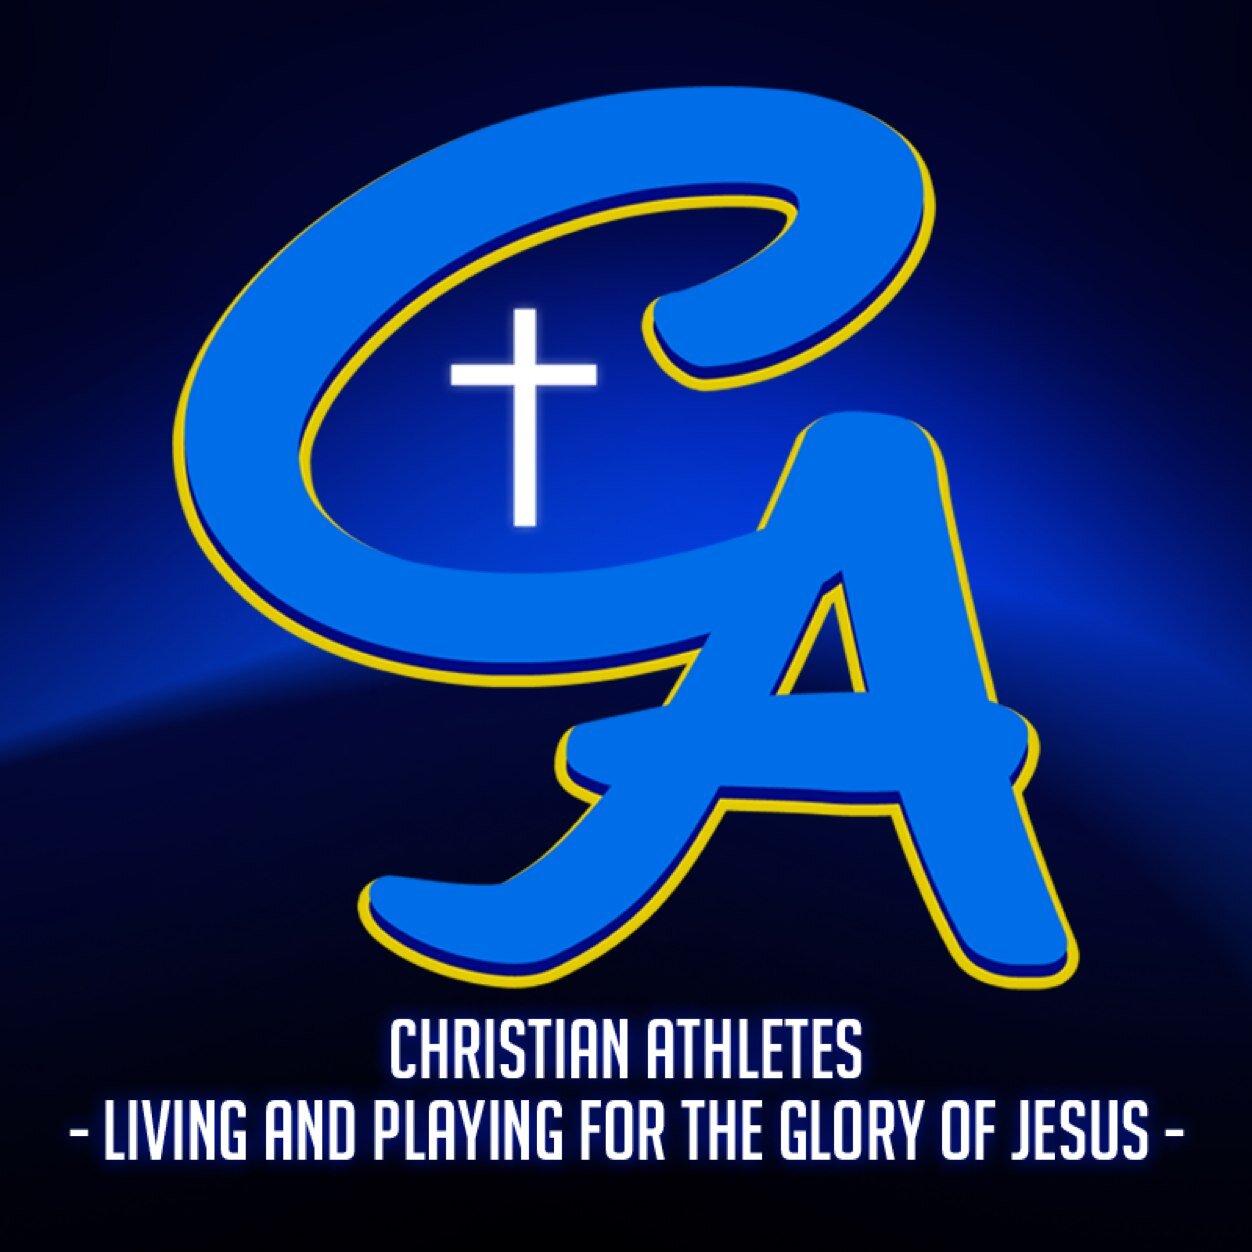 Christian Athlete Quotes: Christian Athlete Quotes. QuotesGram